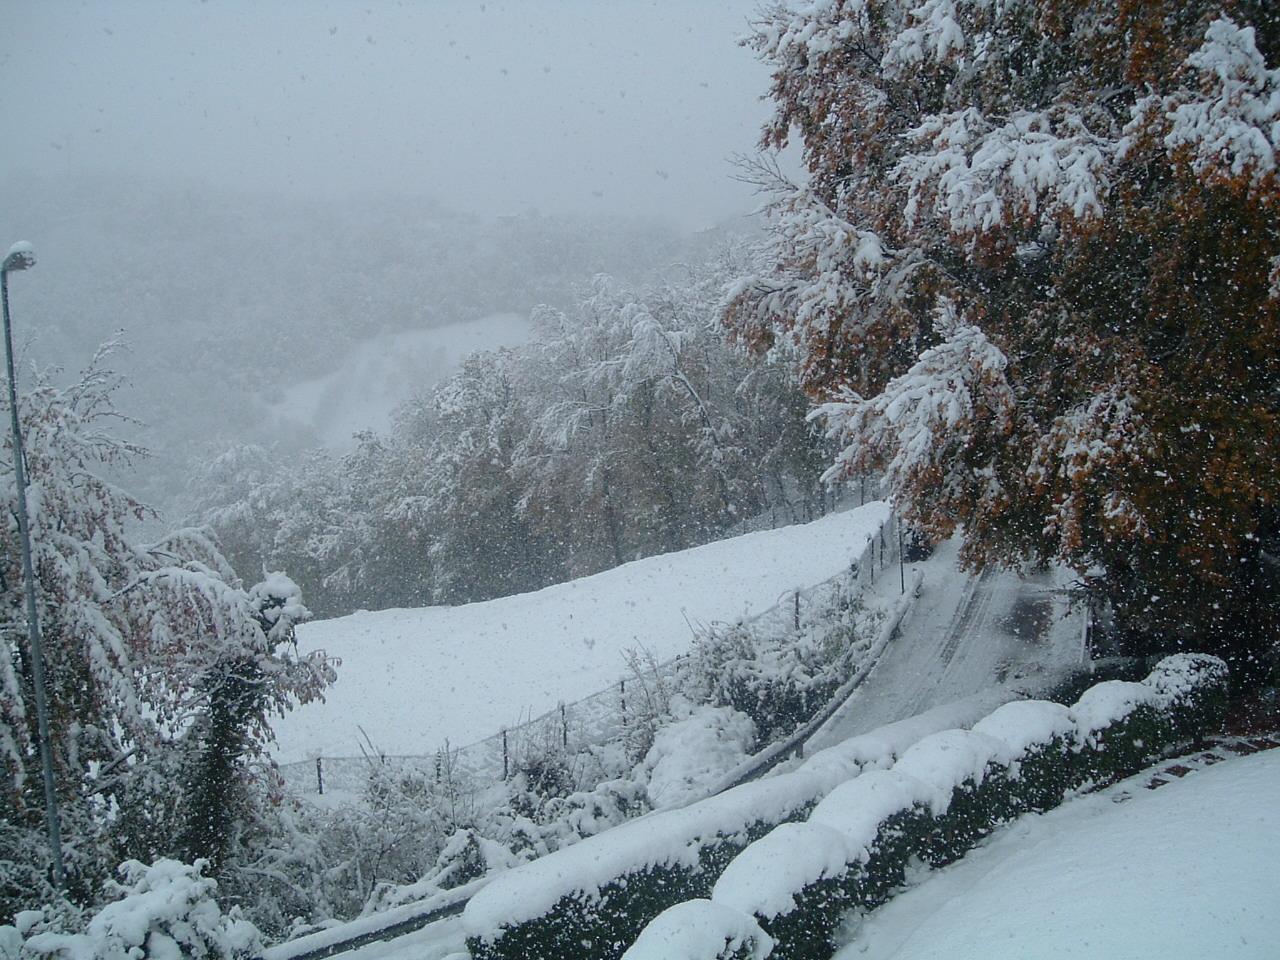 Neve bianca sulle foglie d'oro, Amora di Aviatico